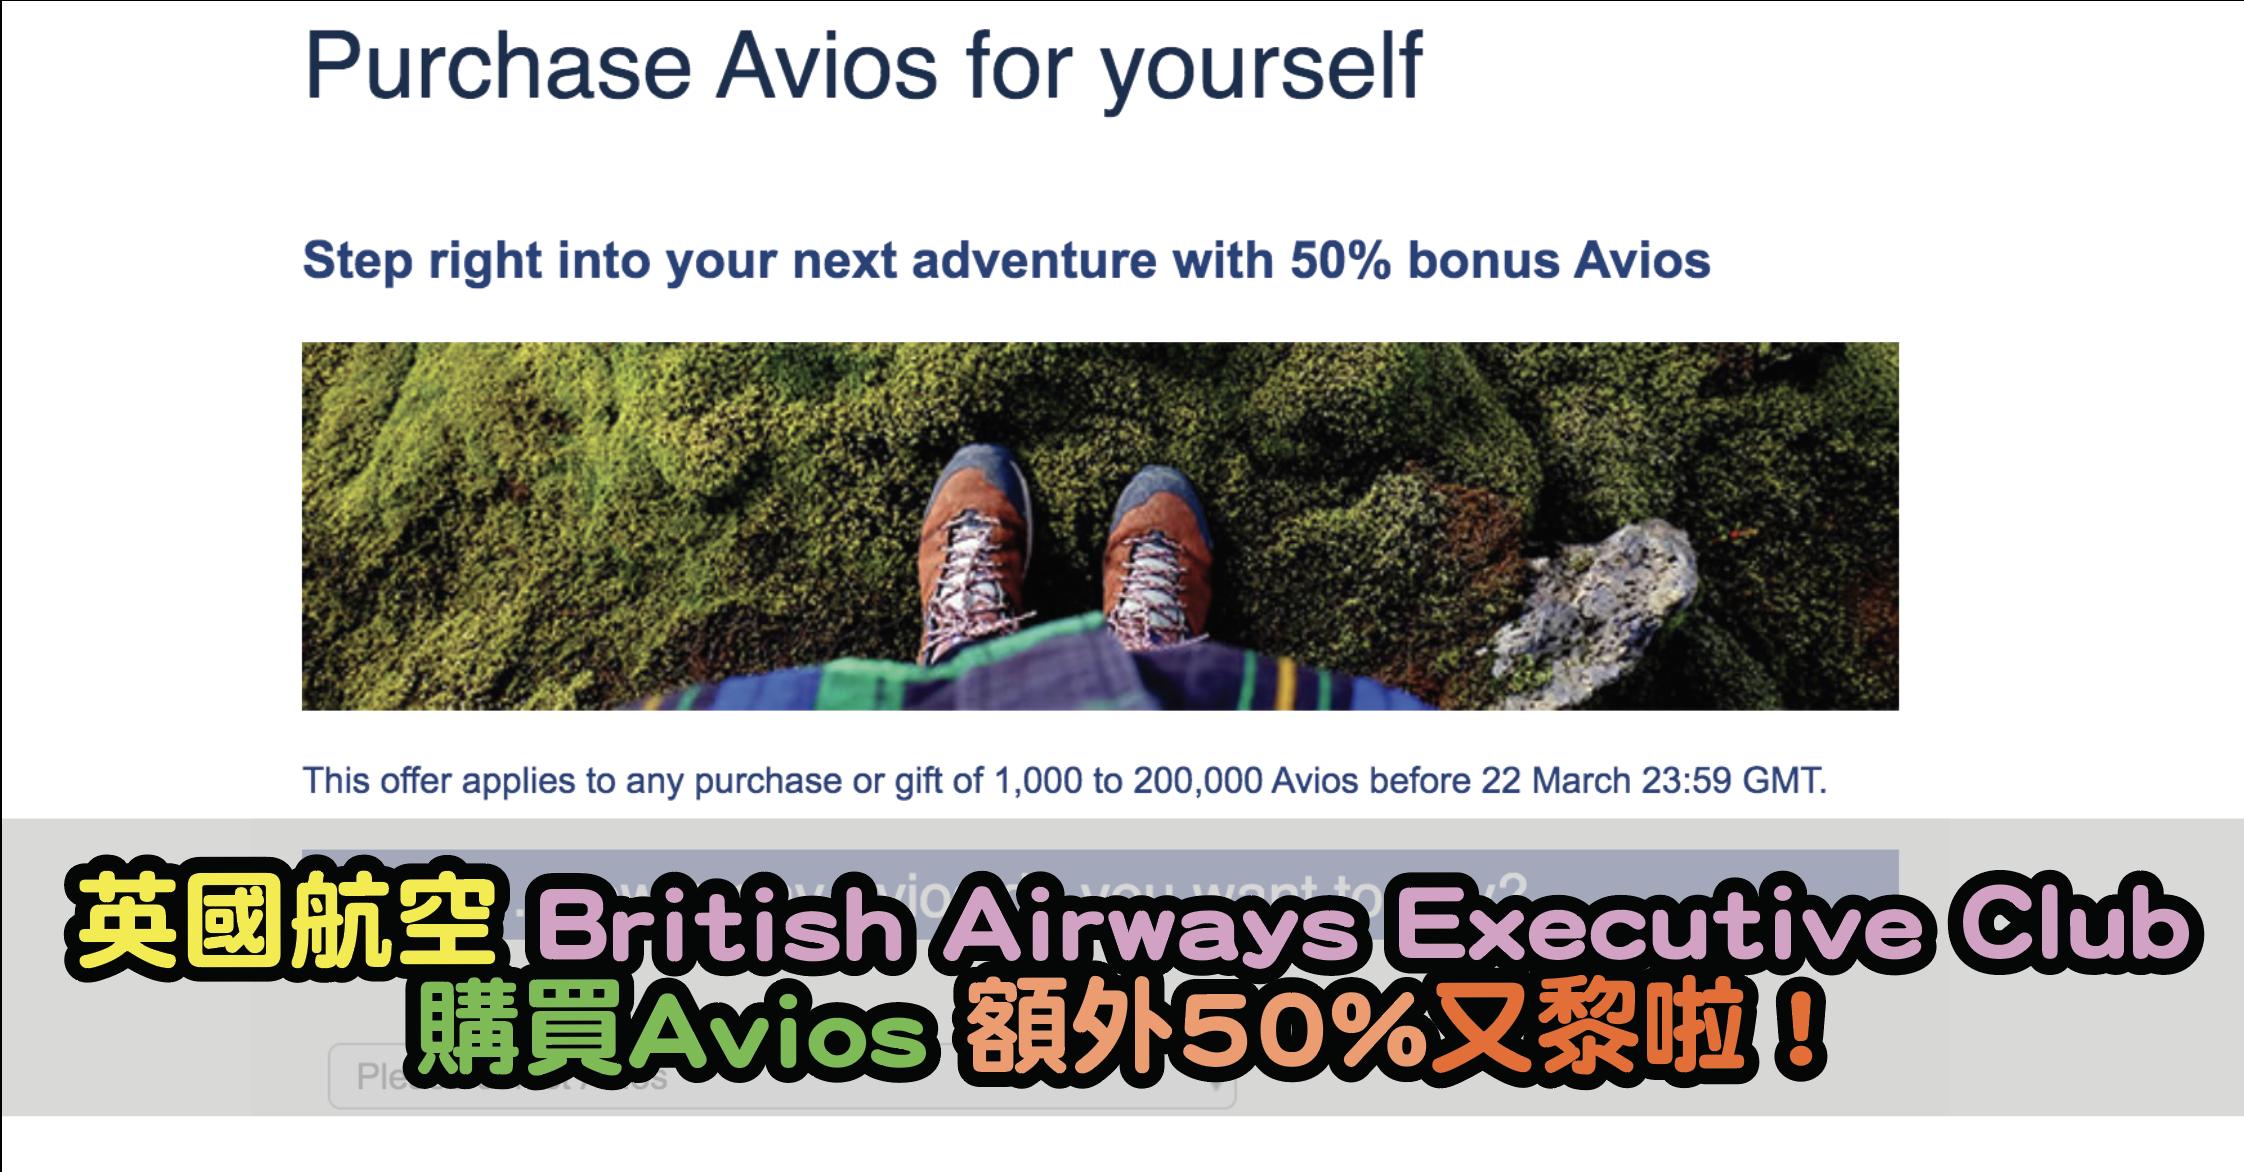 英國航空 British Airways Executive Club購買Avios 額外50%又黎啦!